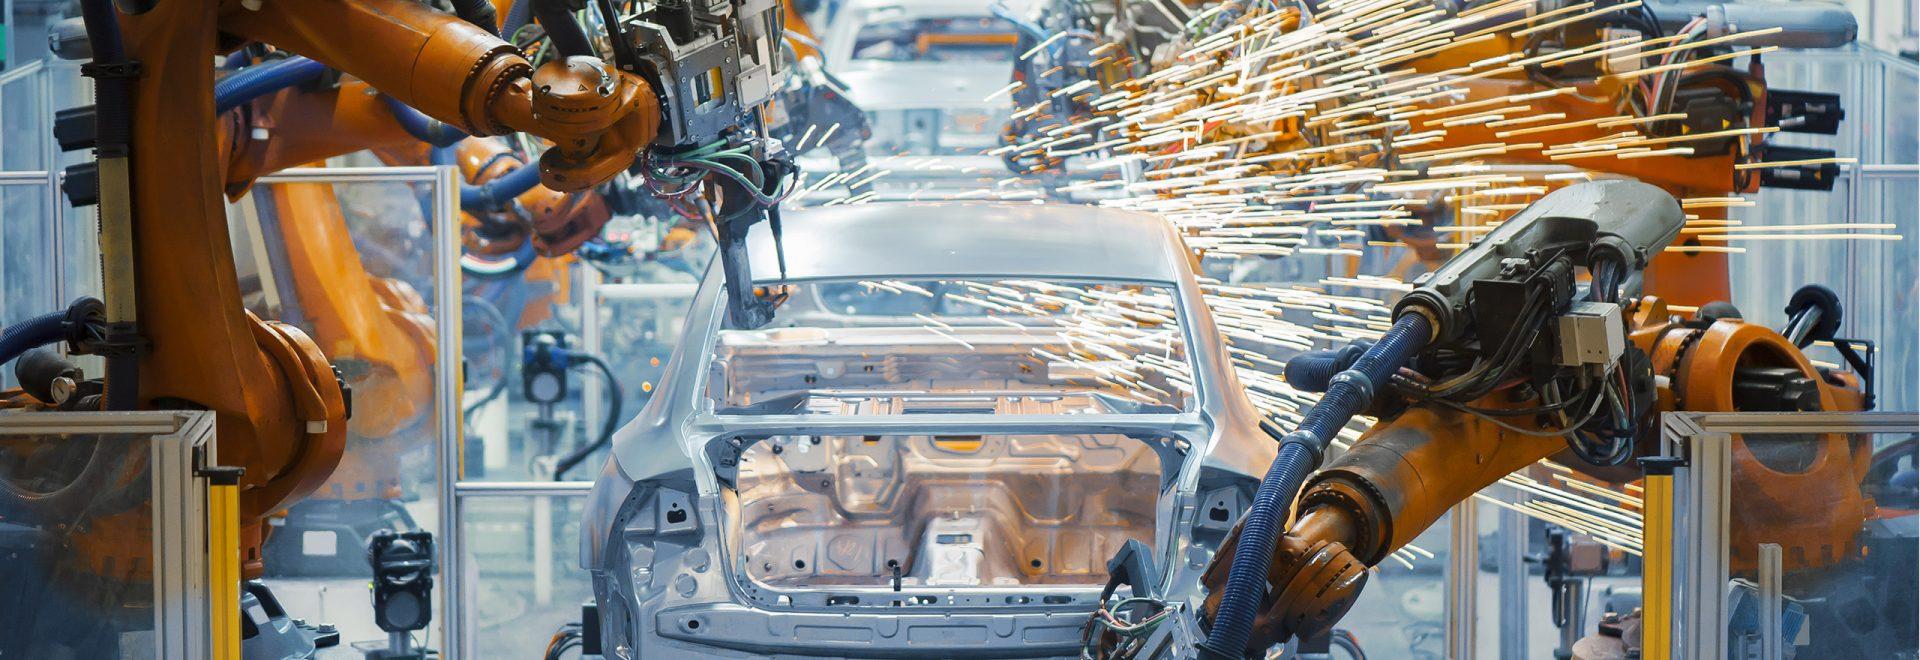 fahrzeug-produktion-automatisierung-it-ondeso